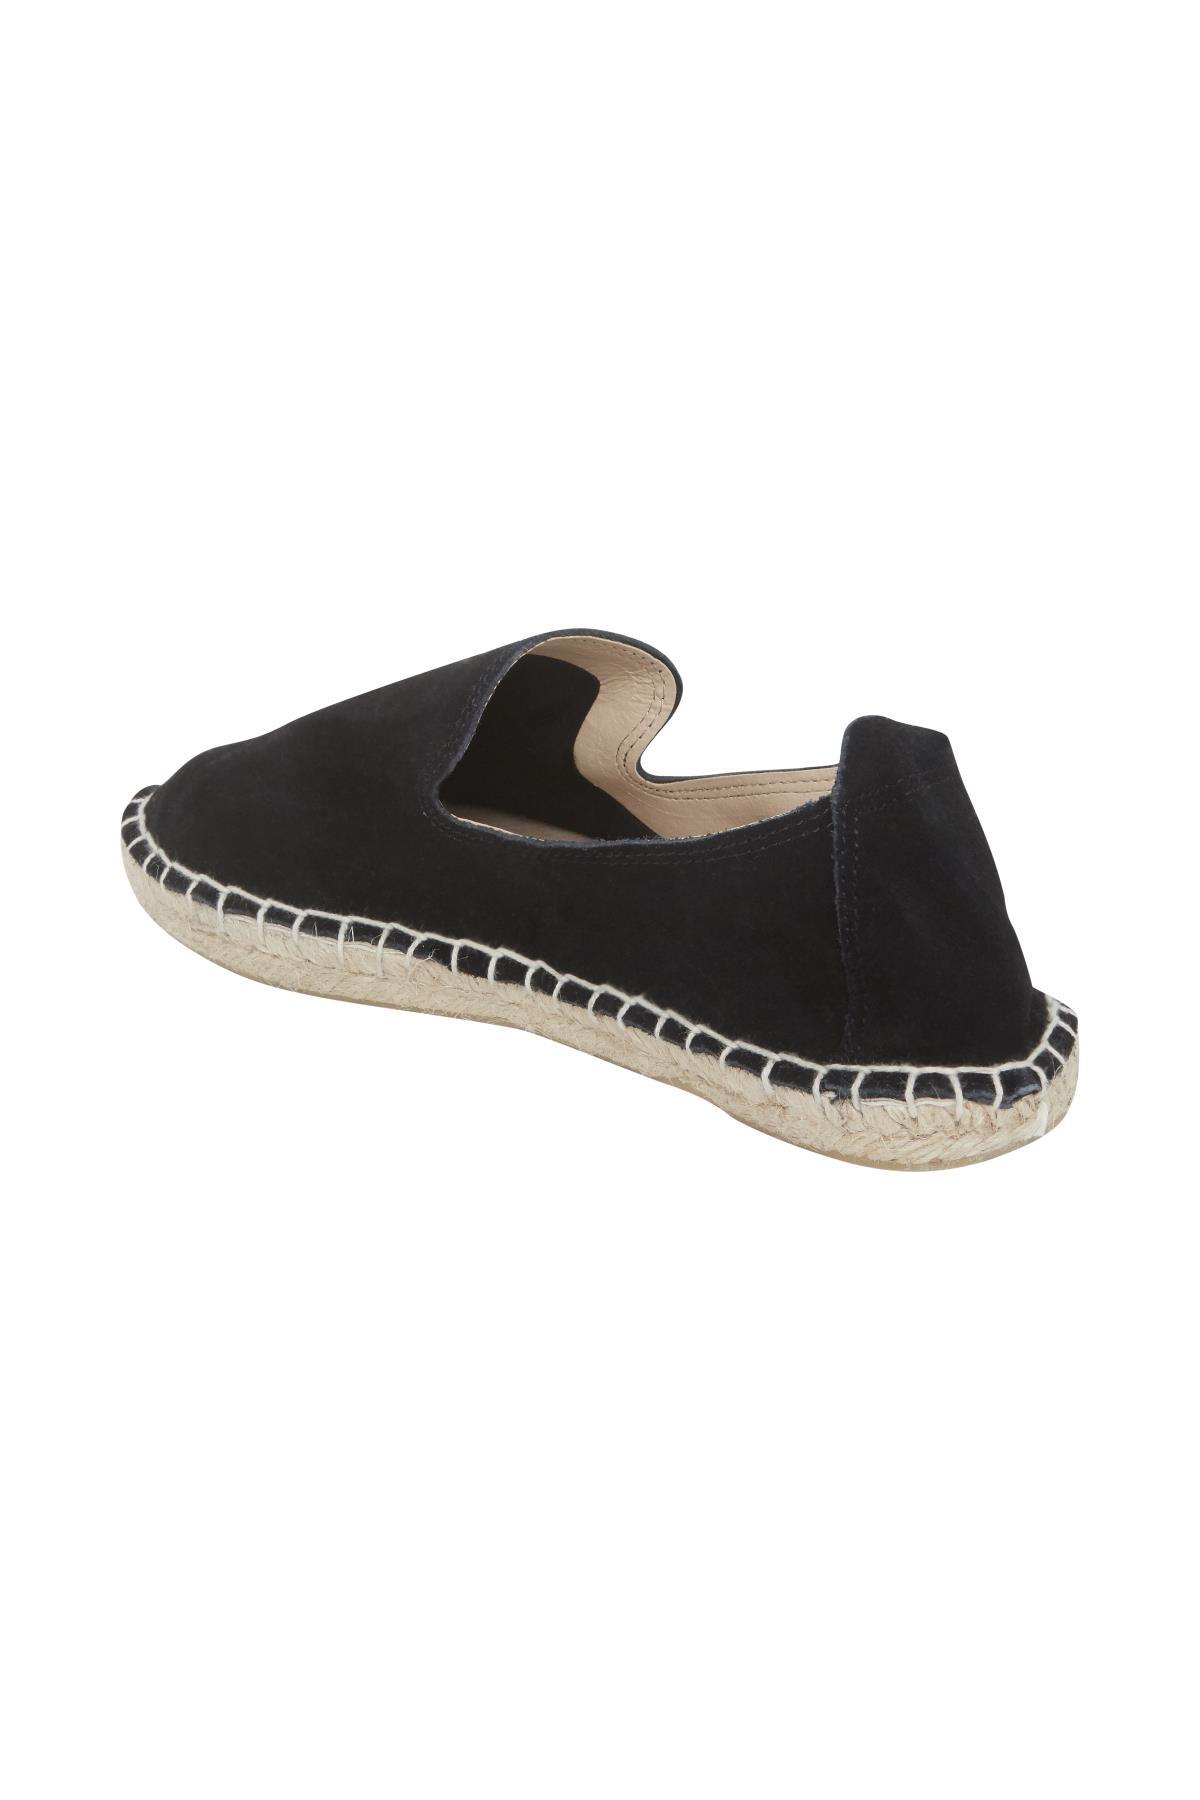 Svart Skor från Ichi - accessories – Köp Svart Skor från stl. 36-42 här